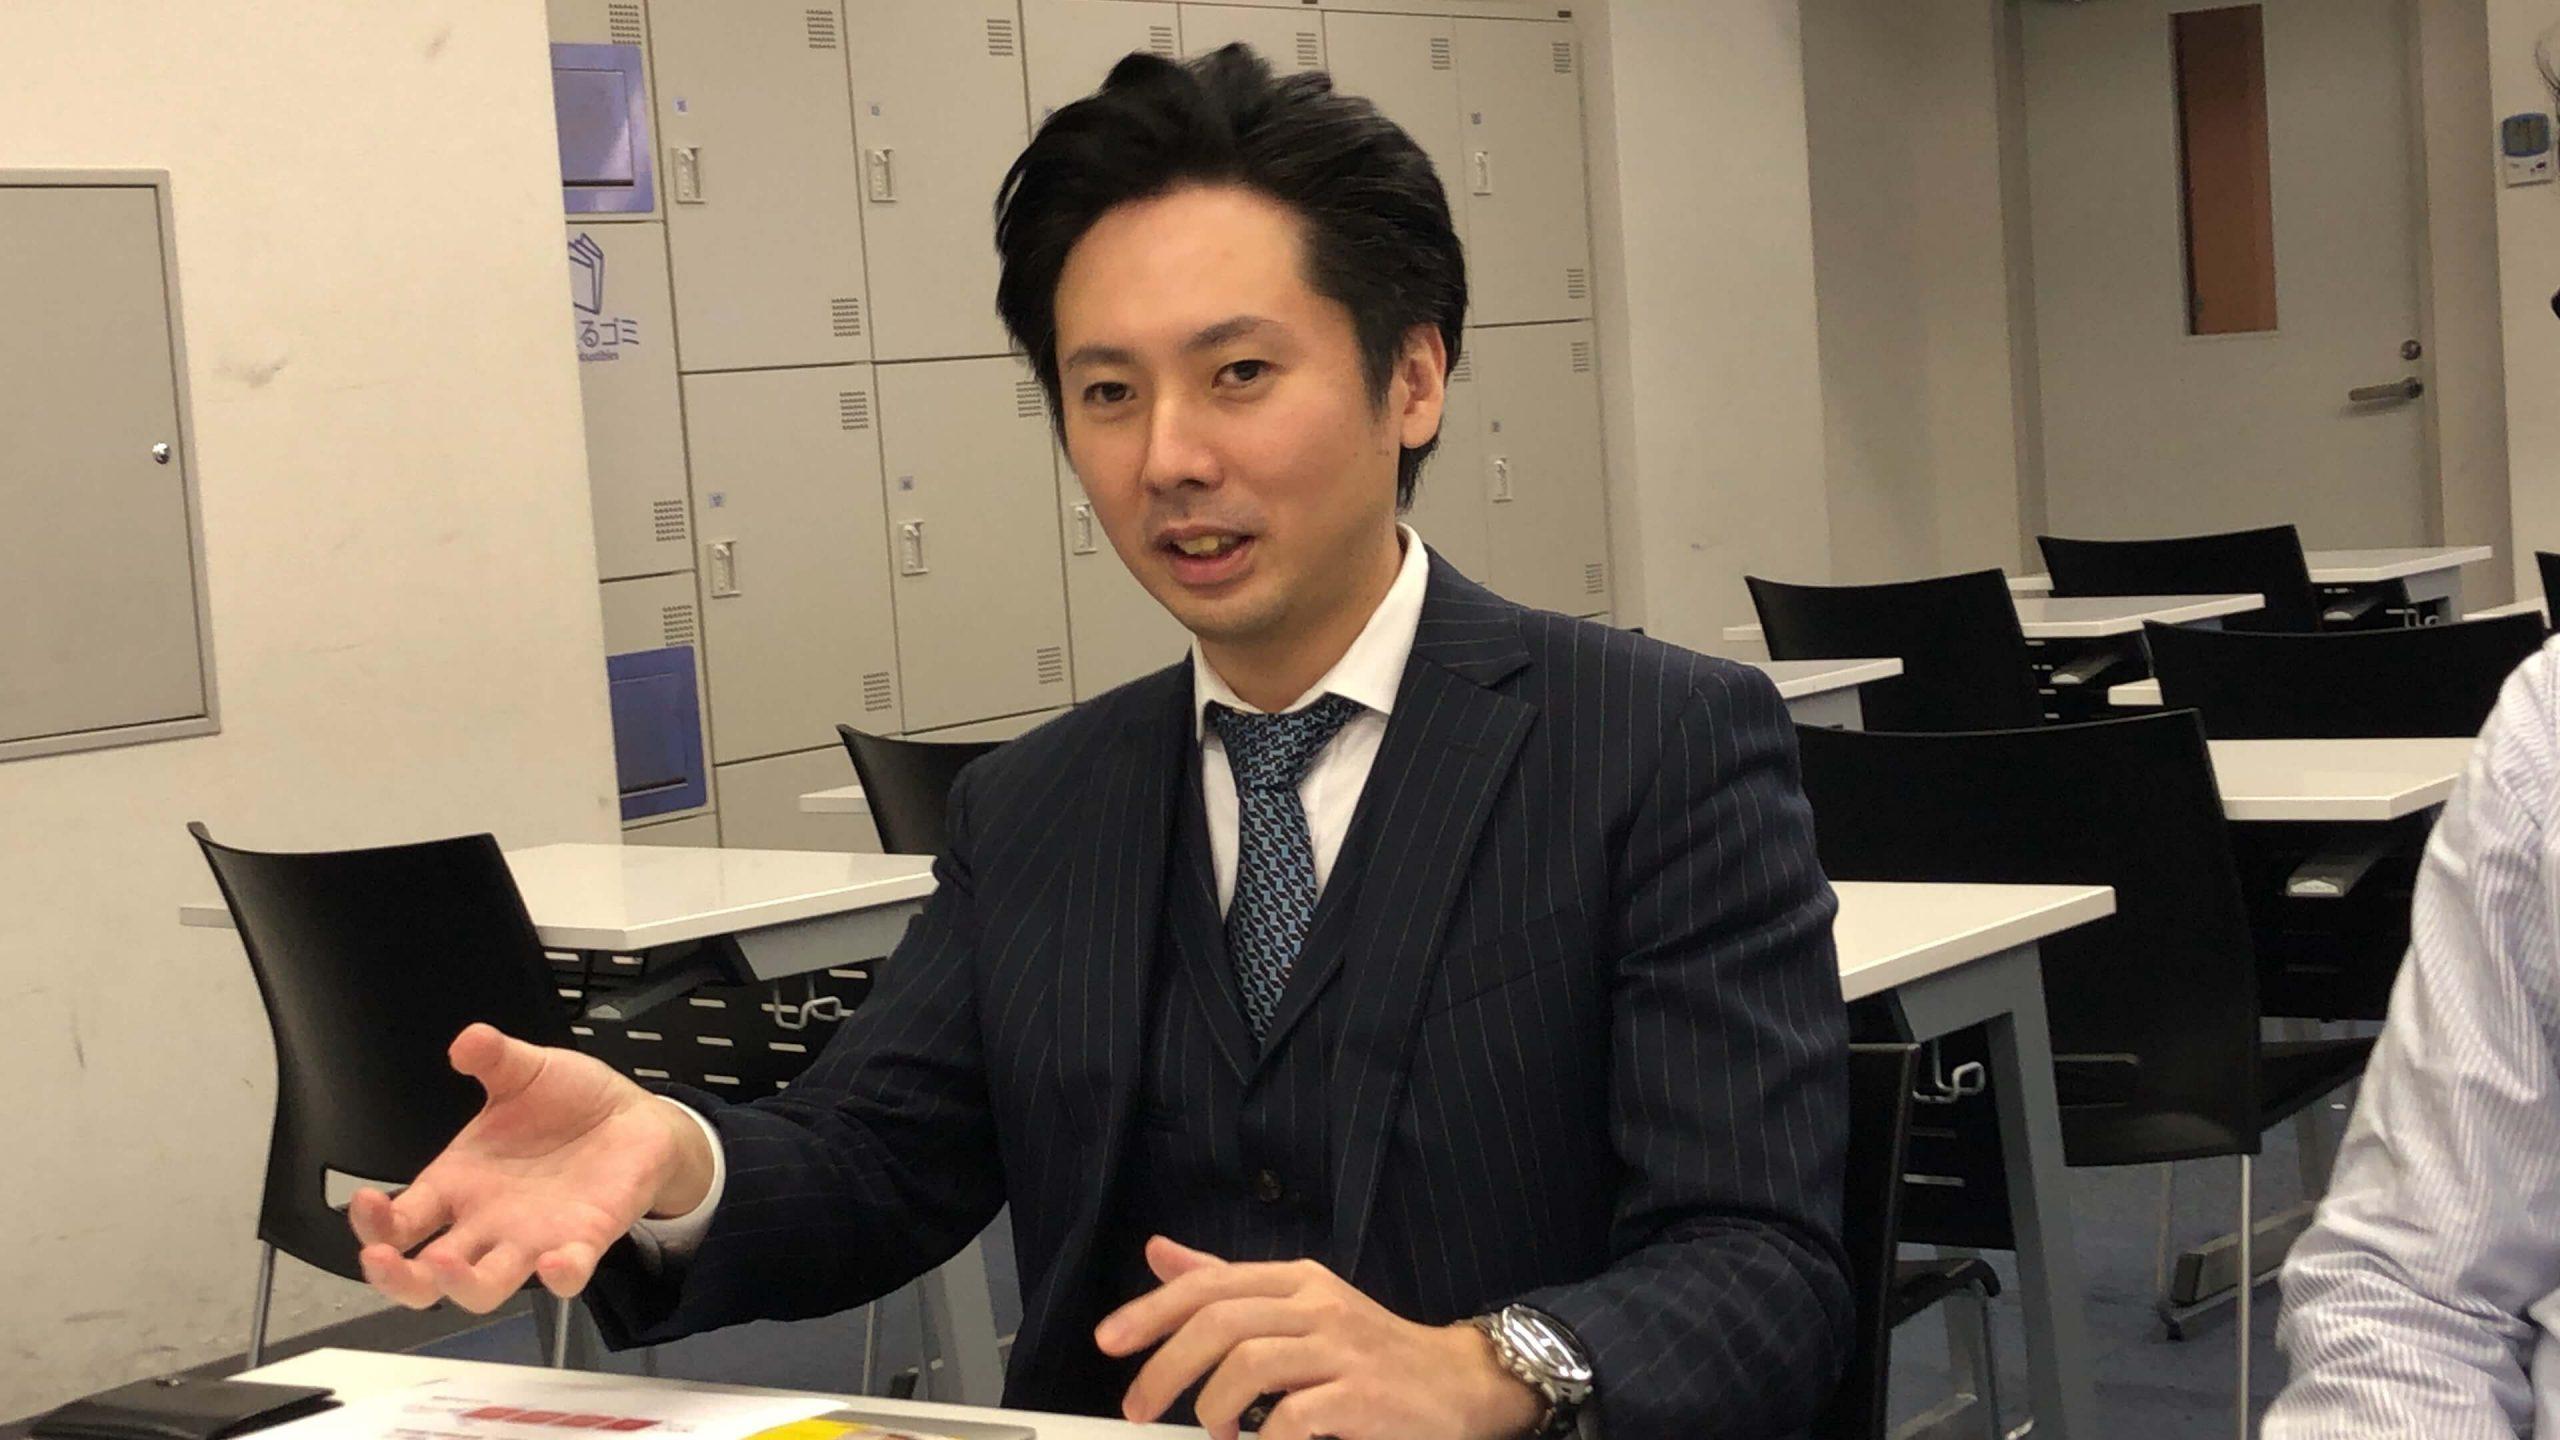 探求型読書プログラムの導入を決めたを決めた田中潤教頭